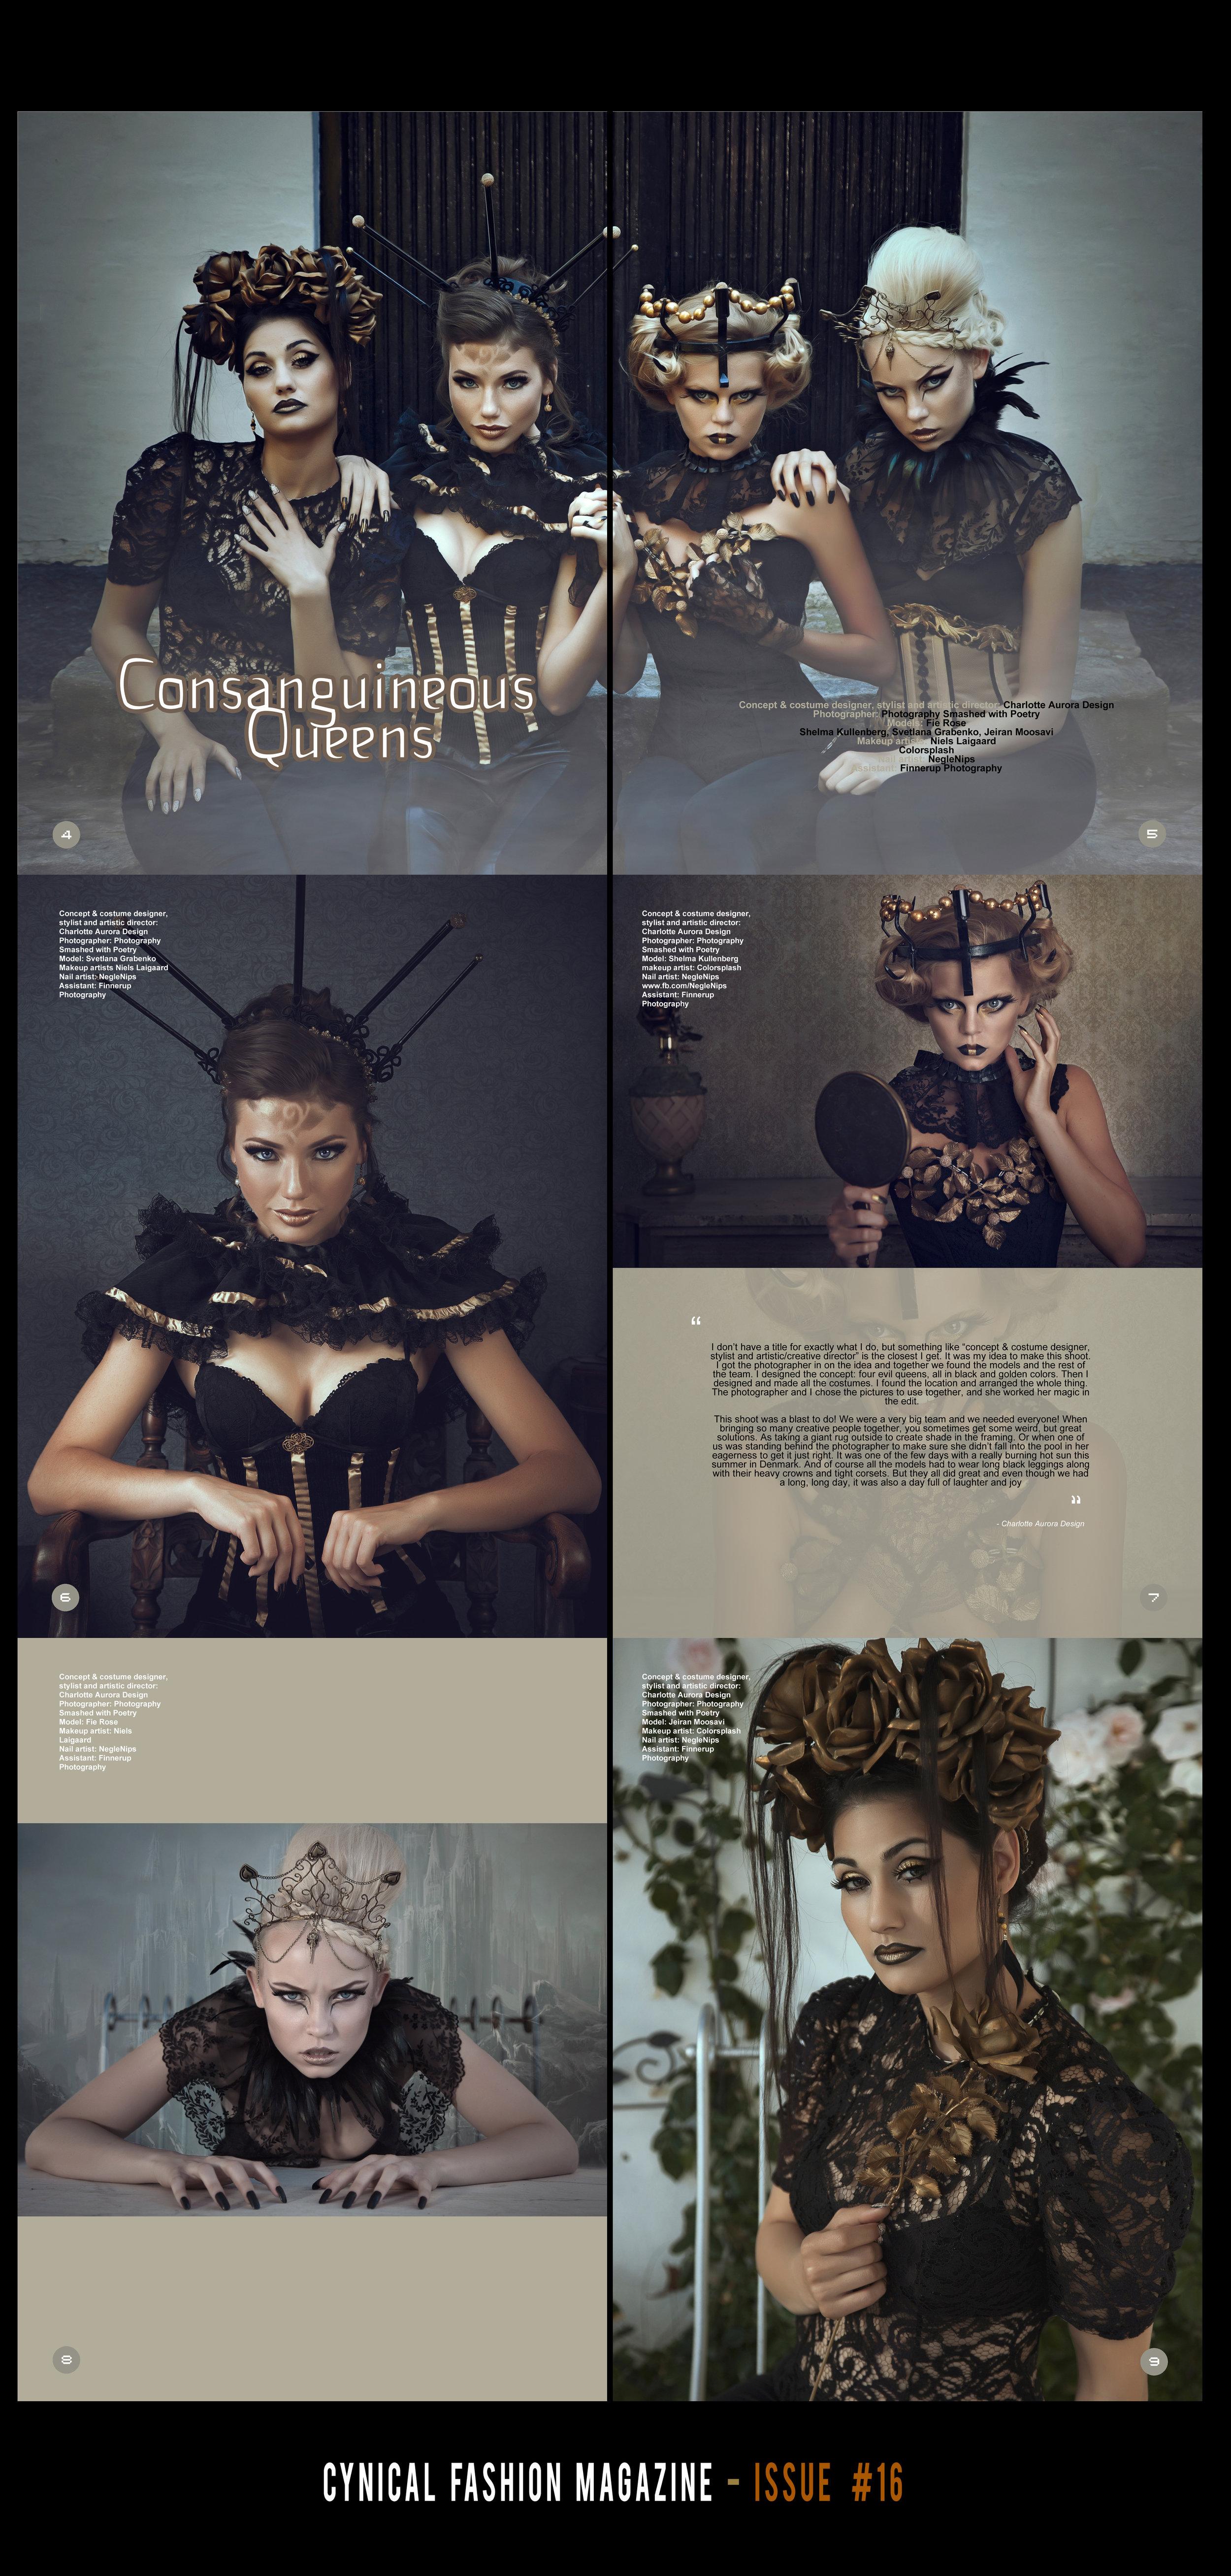 Grace Almera Cynical Fashion Magazine Royal Queen.jpg